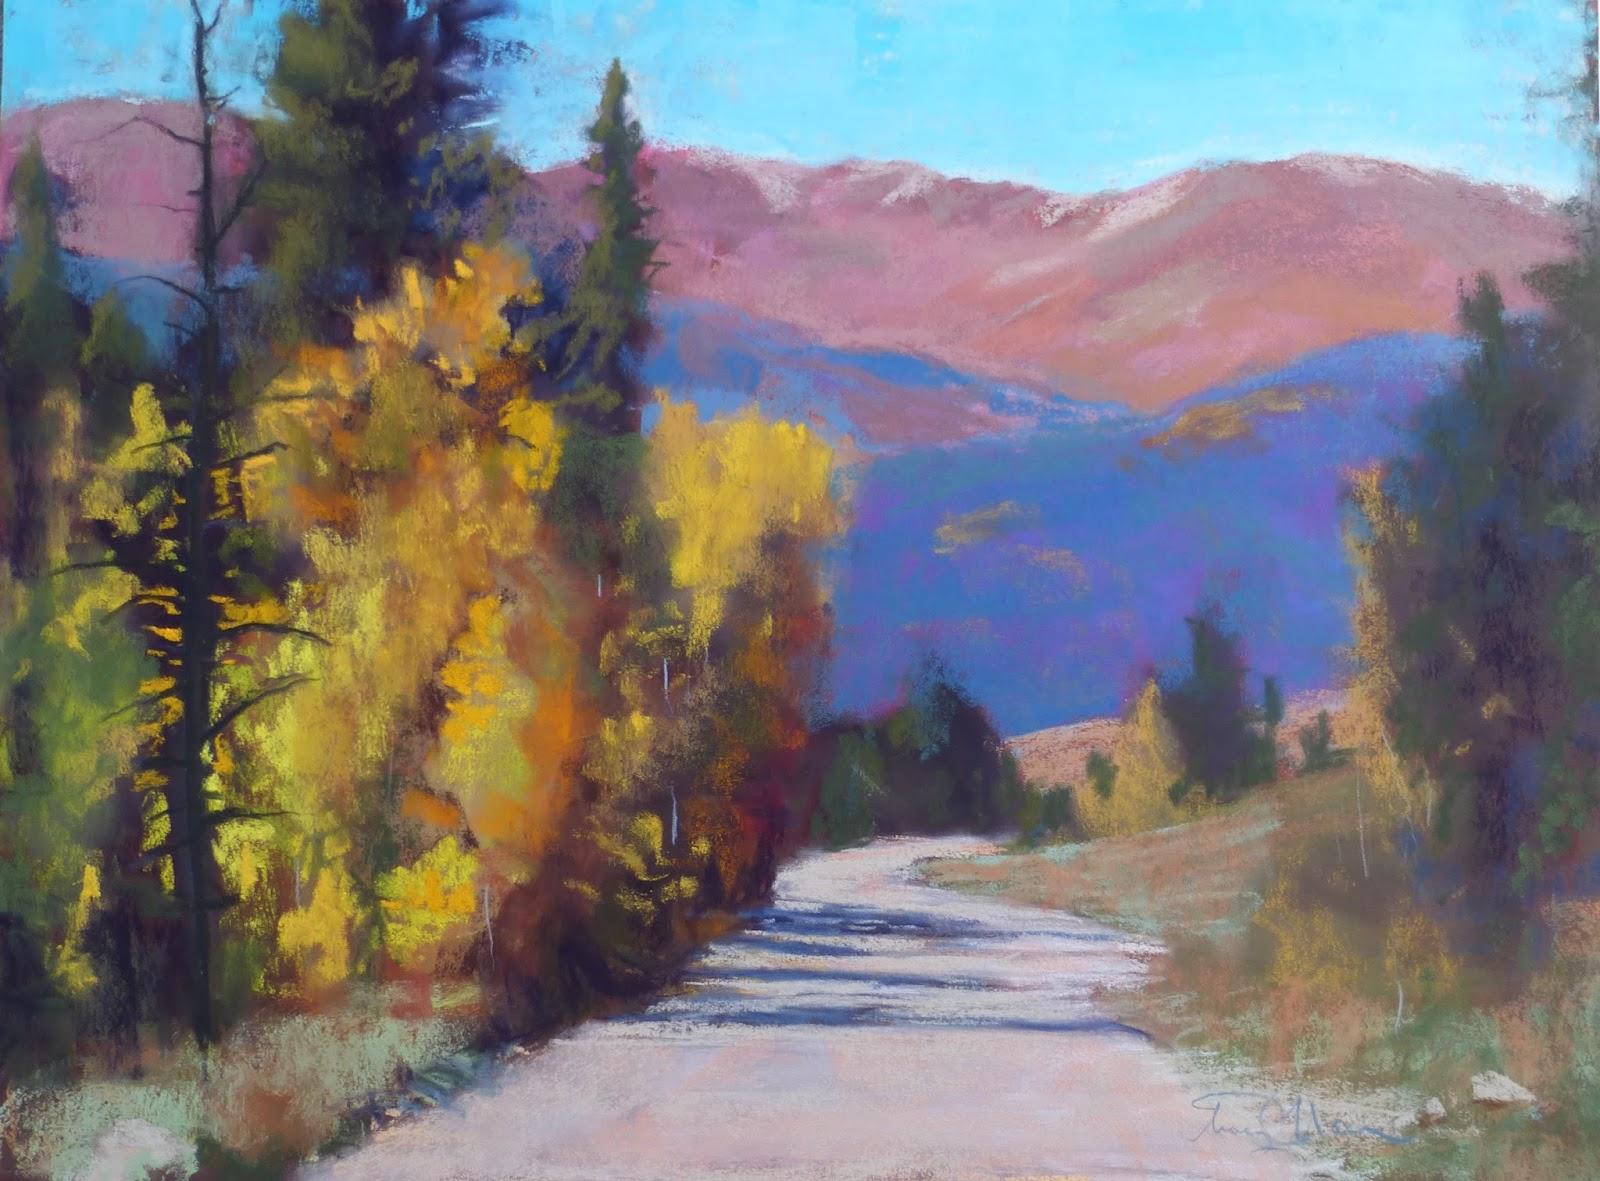 Colorado Fall Wallpaper Studio 8 Arthttp 4 Bp Blogspot Com Traejb8fvkk